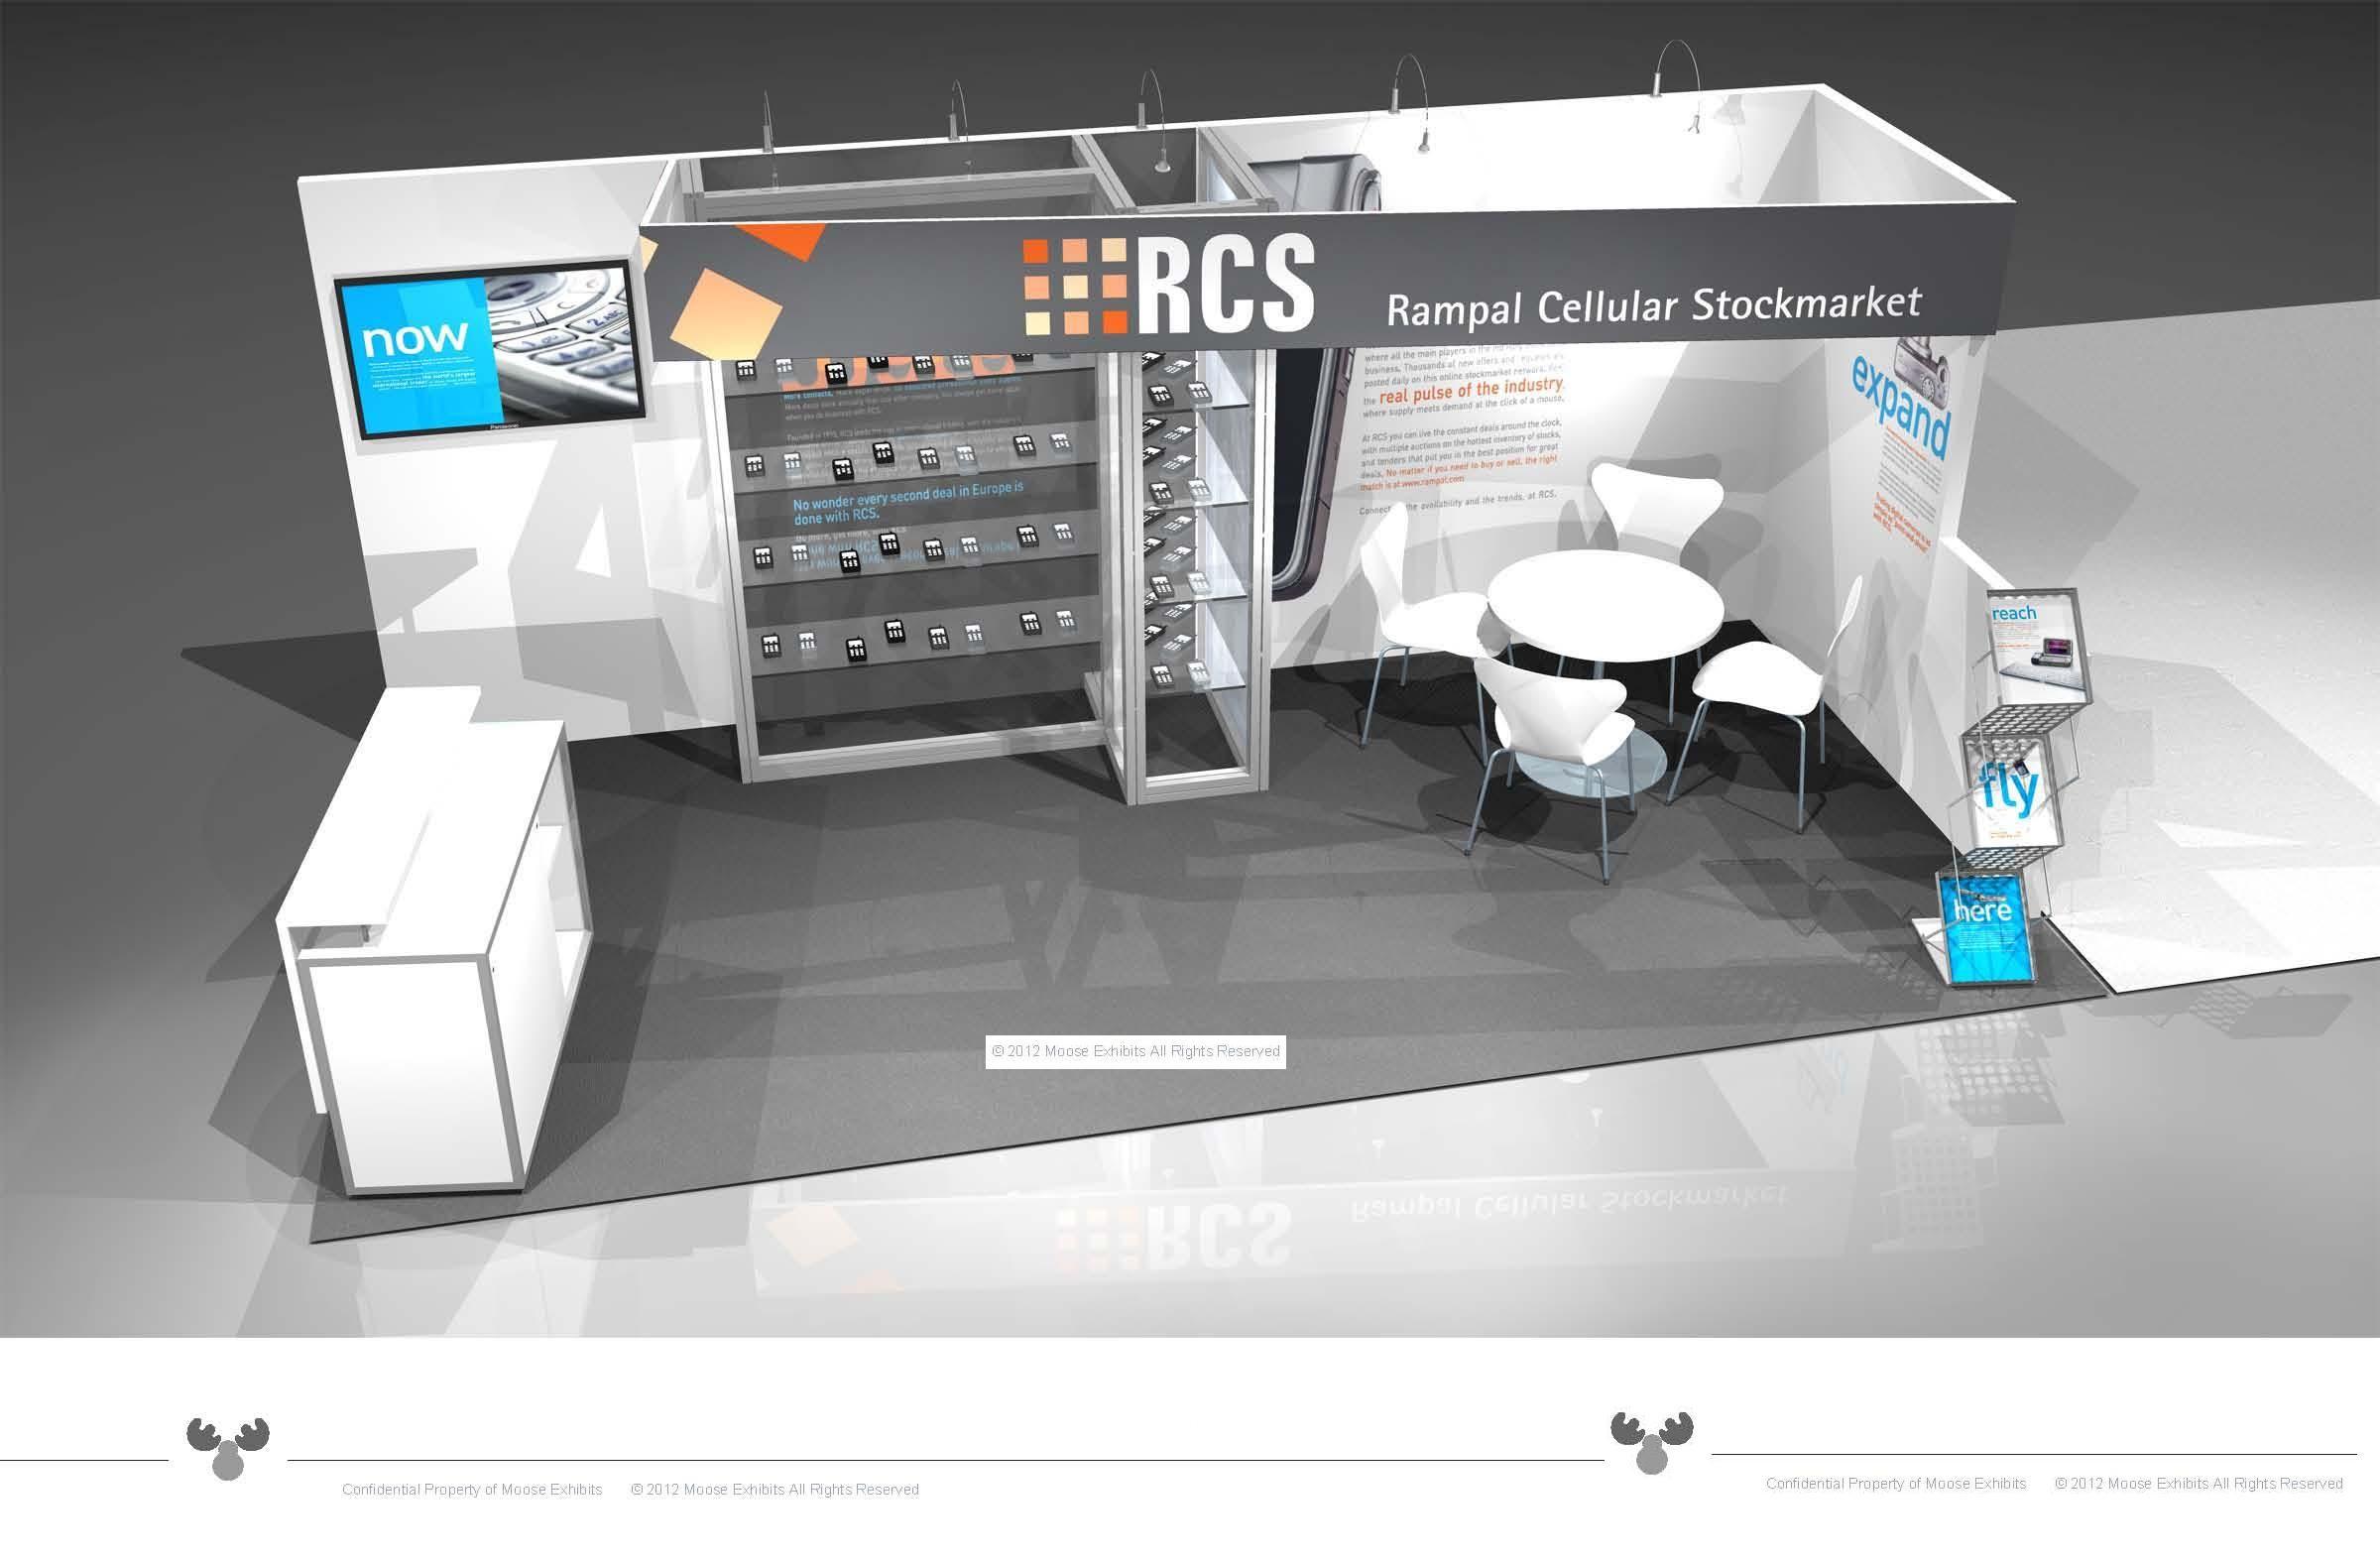 Exhibition Booth Concept : Trade show booth design concept